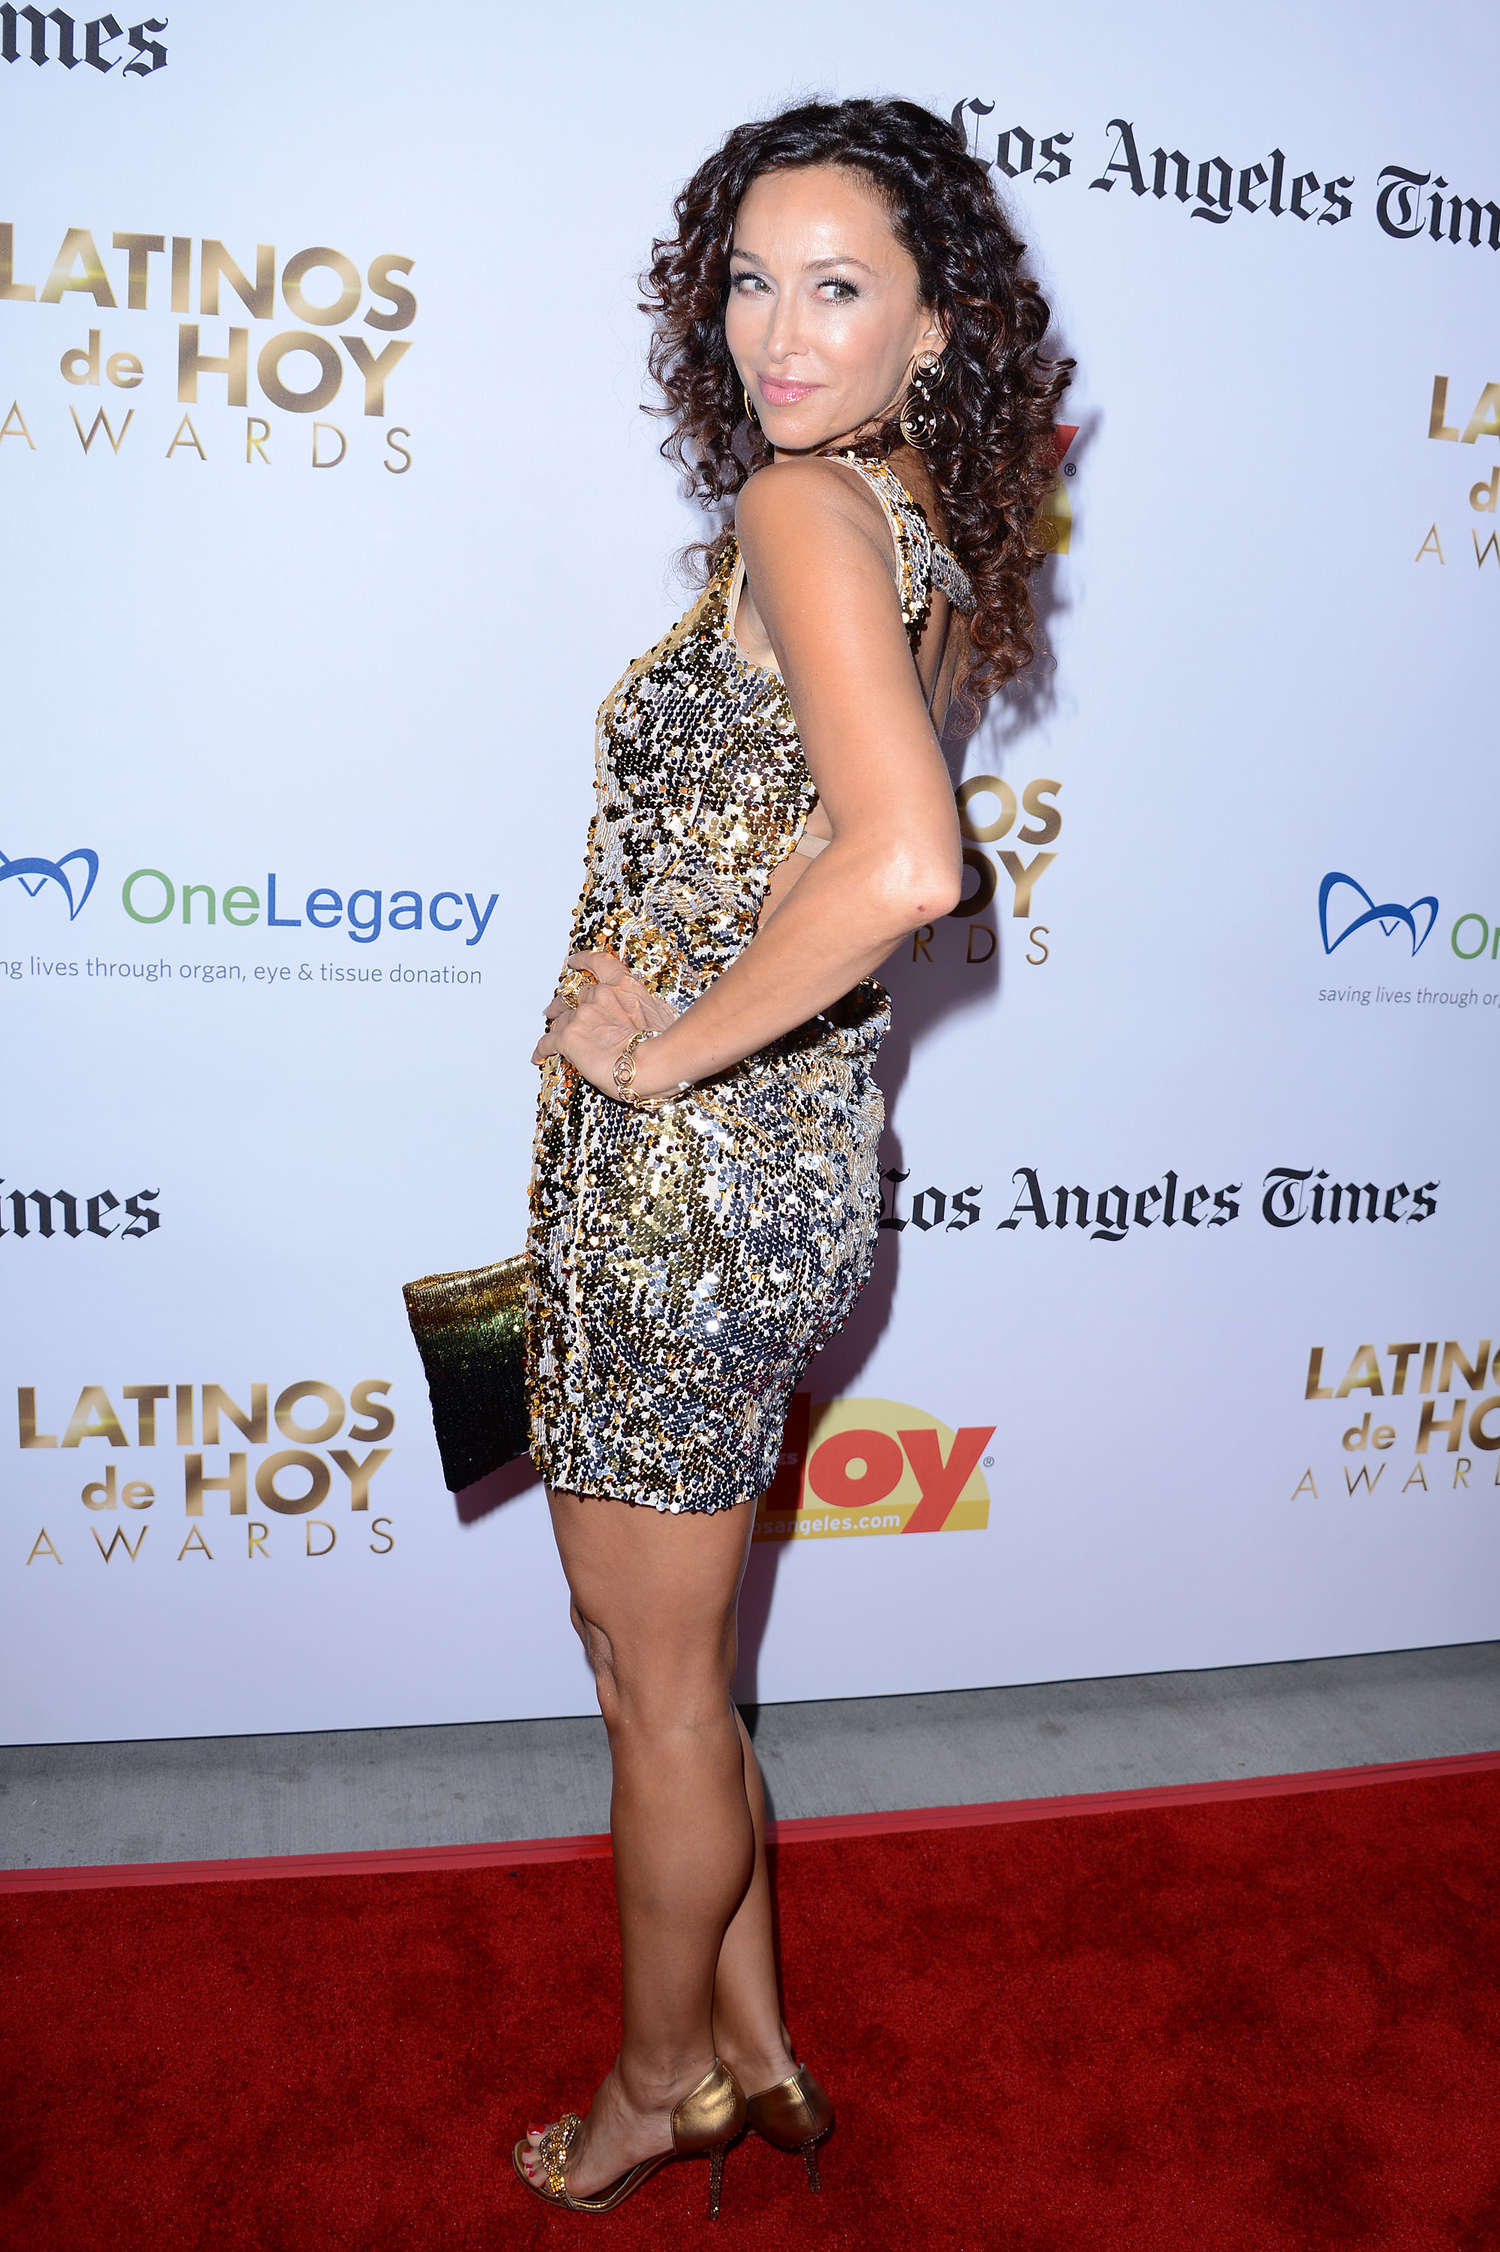 Sofia Milos 2013 : Sofia Milos: Latinos de Hoy Awards 2013 -13